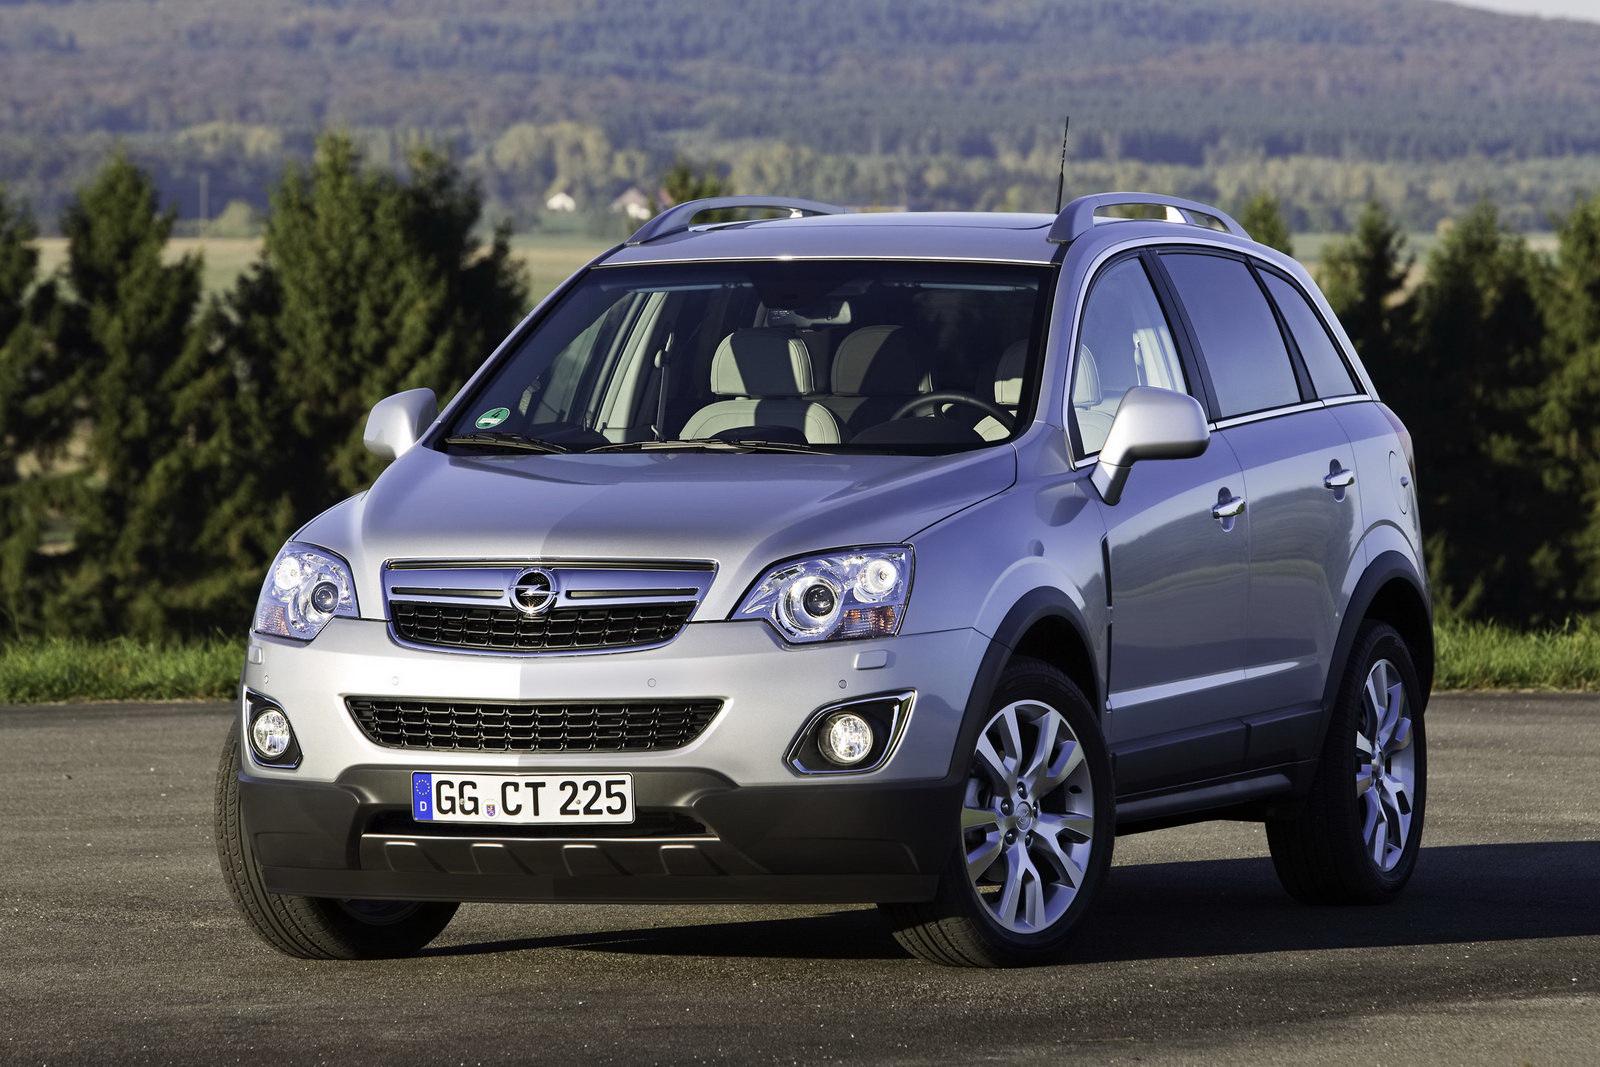 http://1.bp.blogspot.com/_WTtsv-i_cjc/TP1utNXleTI/AAAAAAAAAqo/X6q4avxSvvk/s1600/-Opel-Antara%2B2011.jpg